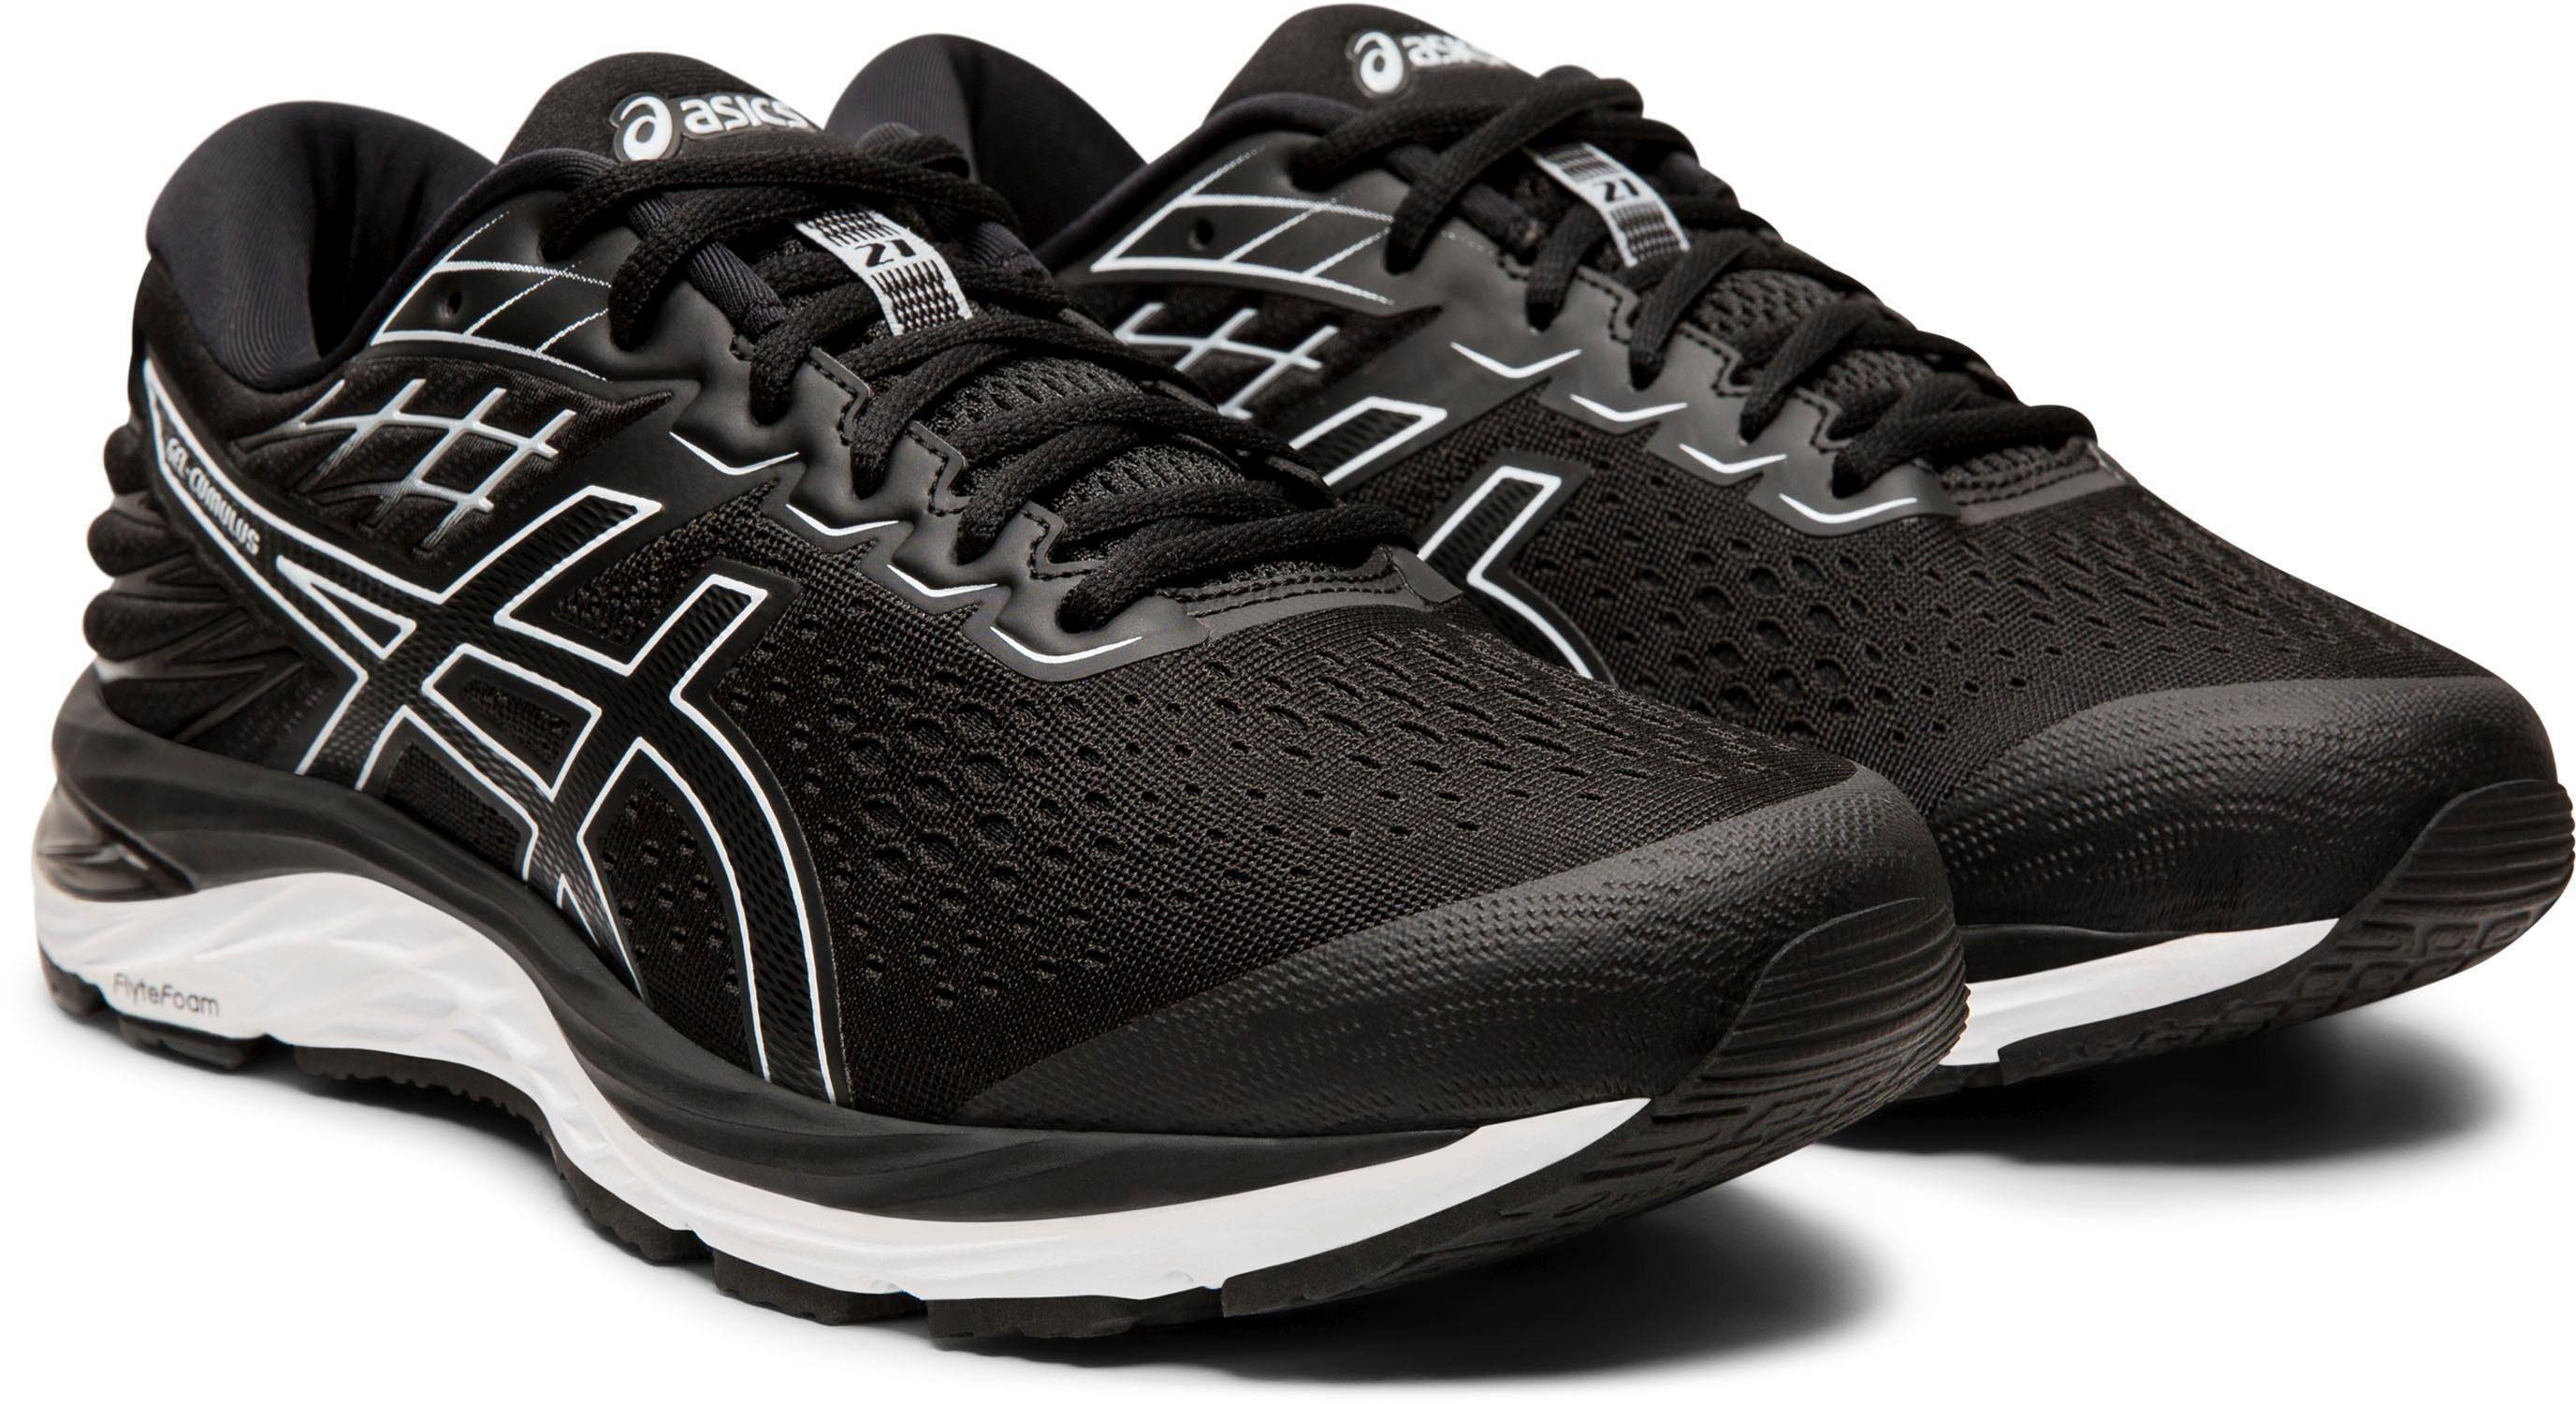 Asics »GEL CUMULUS 21« Laufschuh, Klassischer Laufschuh von Asics online kaufen | OTTO